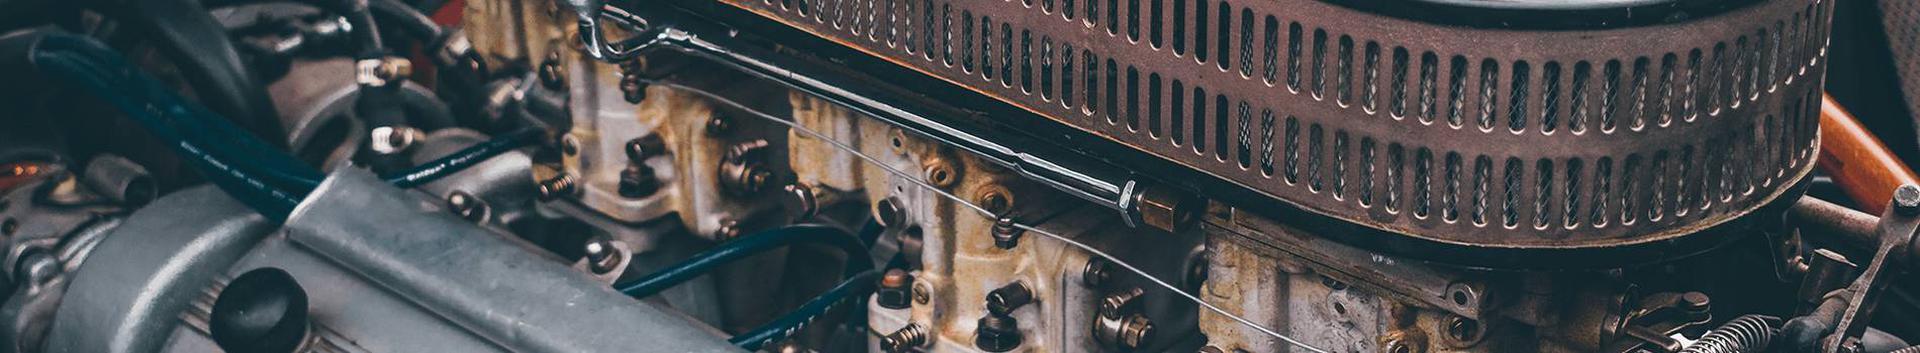 29321_mootorsoidukite-muude-seadmete-tootmine_13437341_xl.jpg